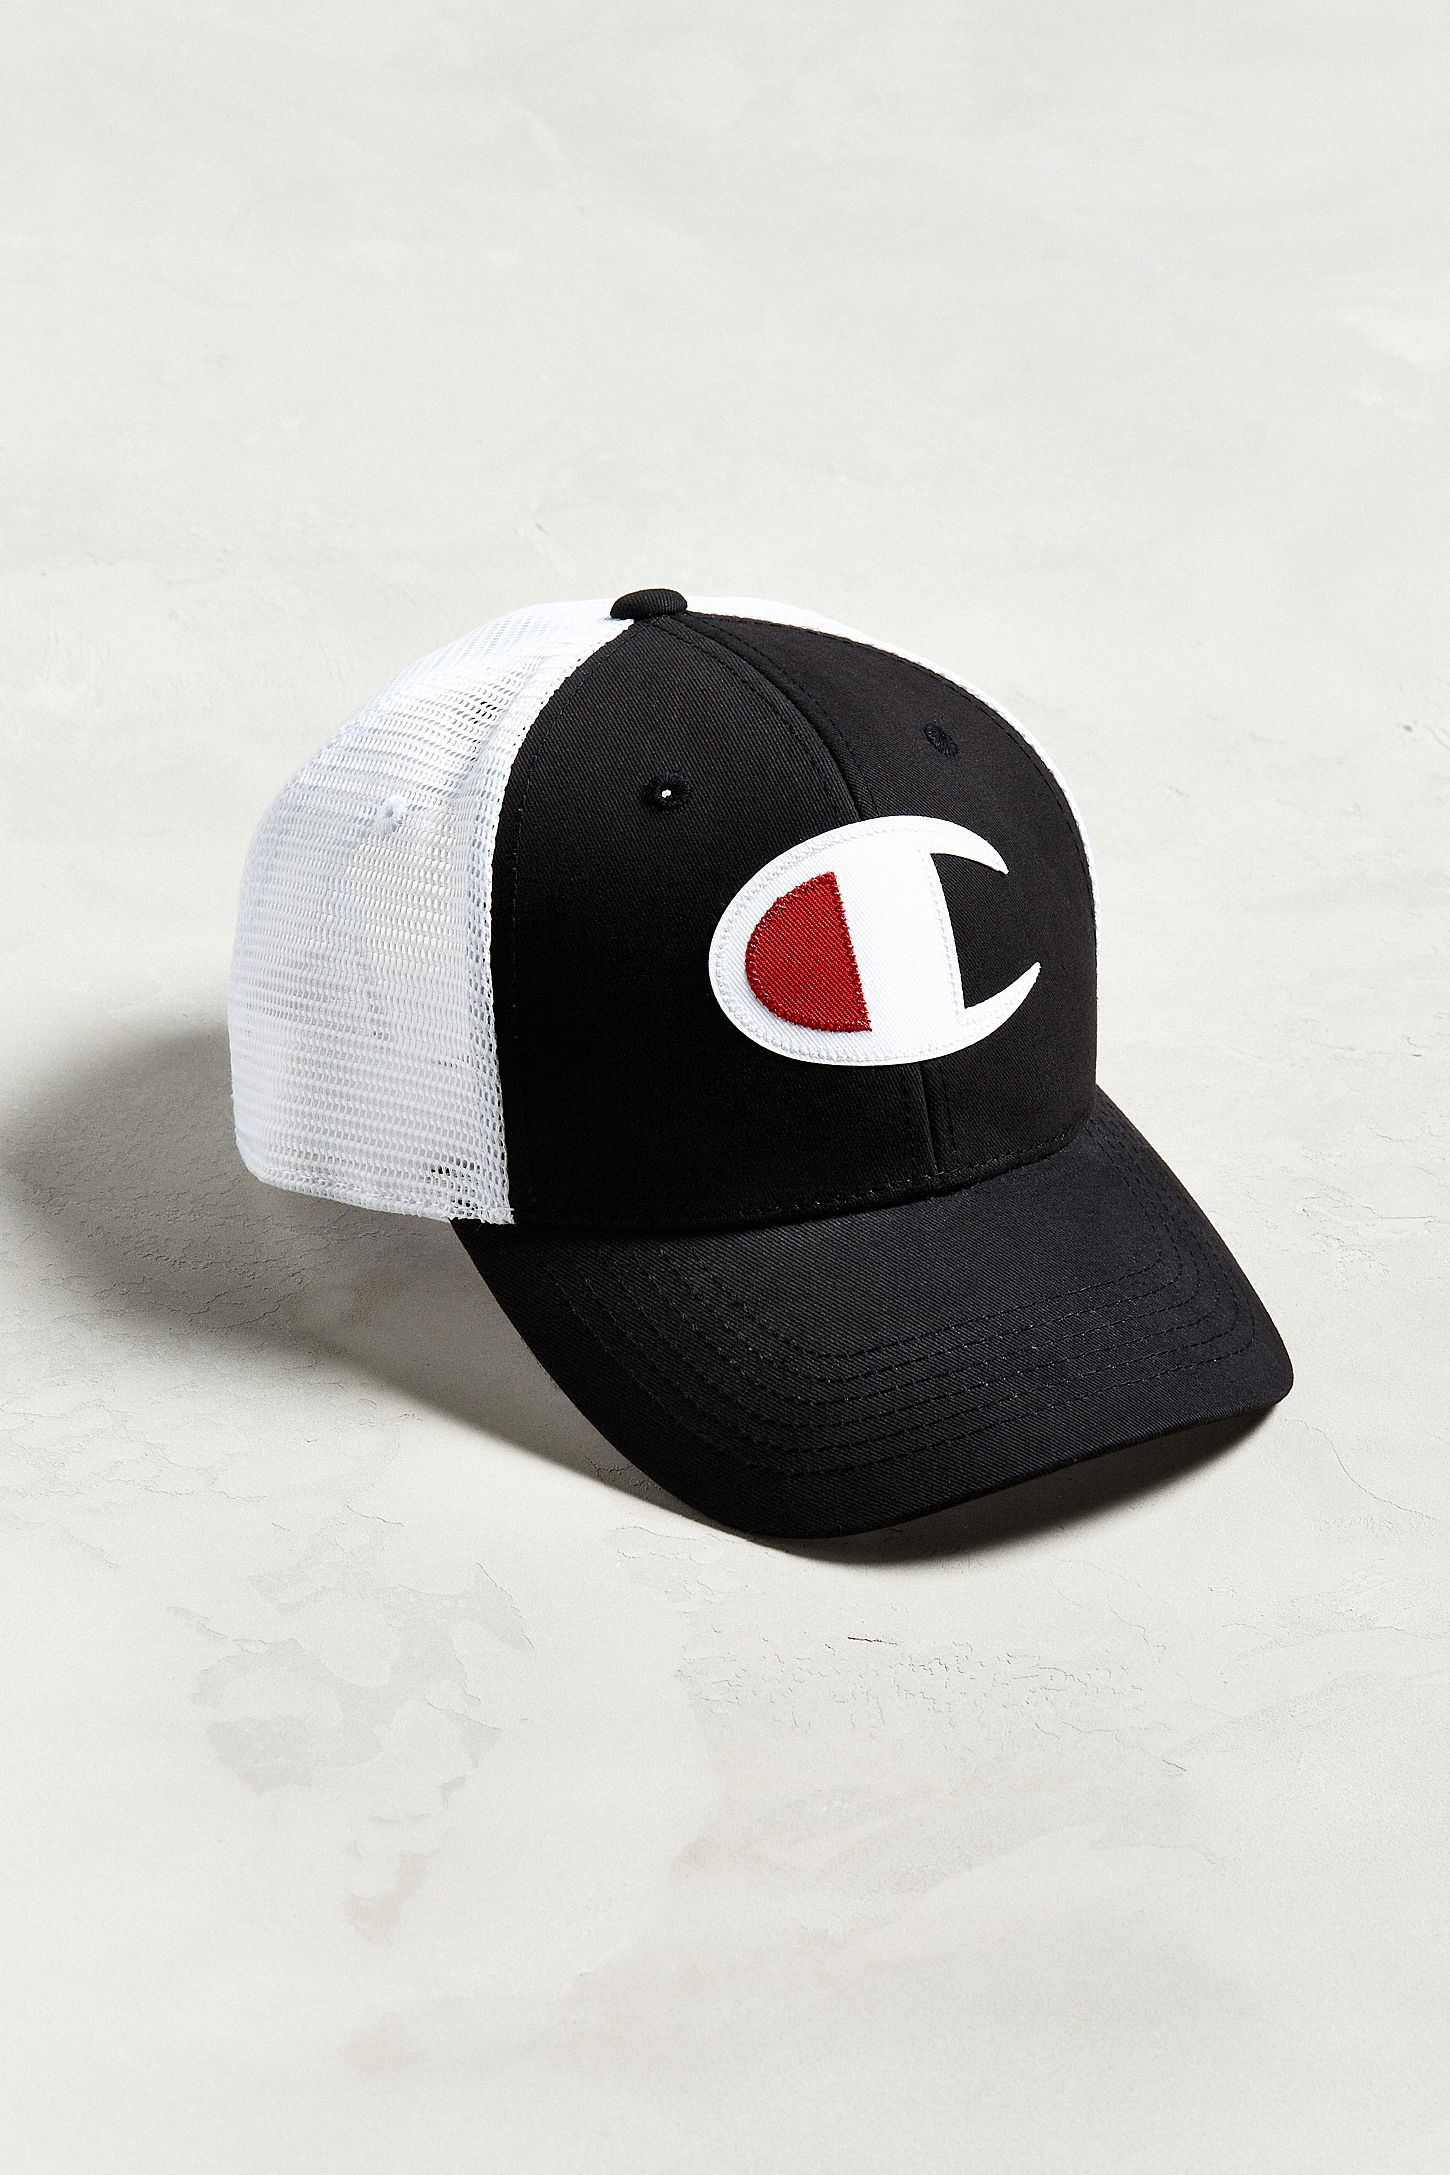 Champion Twill Mesh Trucker Hat  400deb710a9